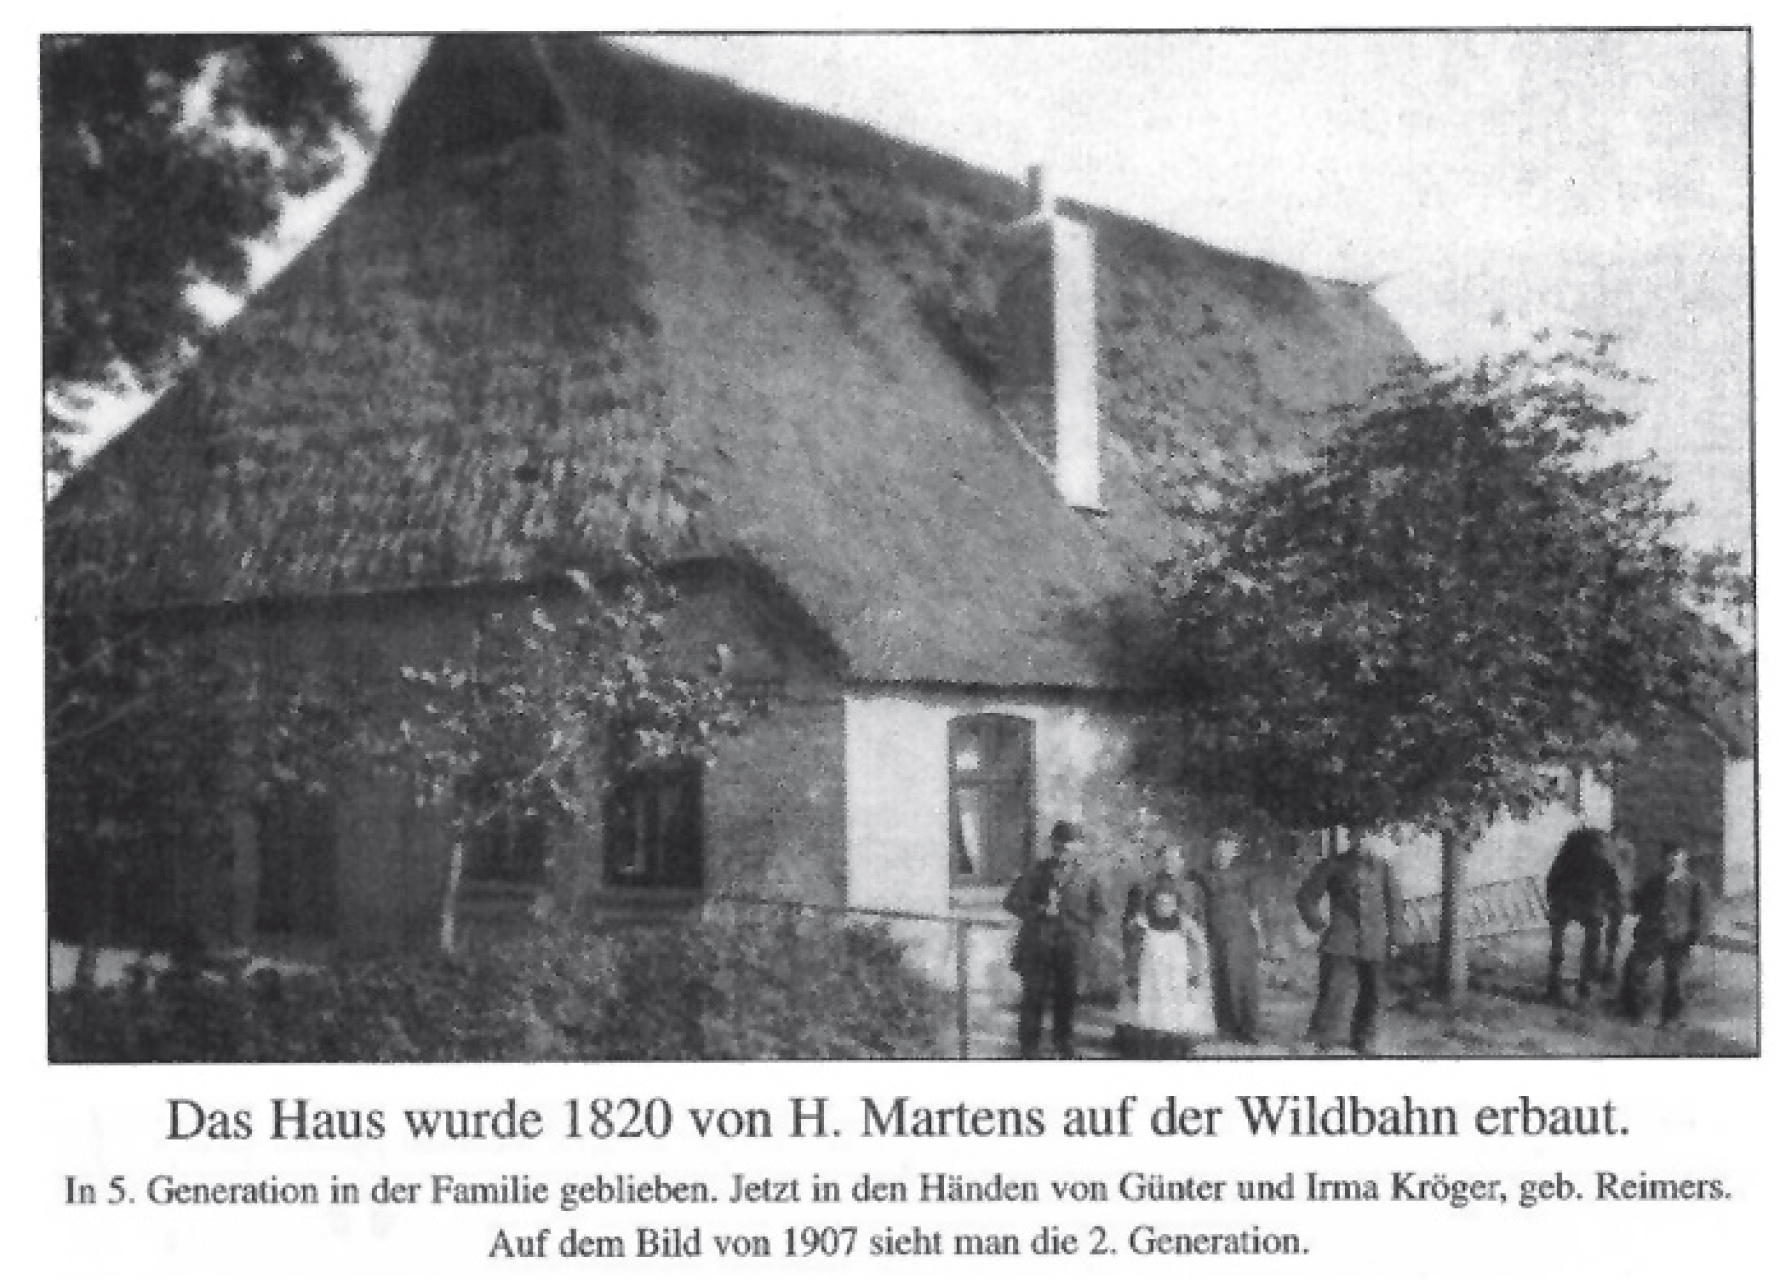 dorf_bilder/Chronik-Hennstedt-300-2.jpg